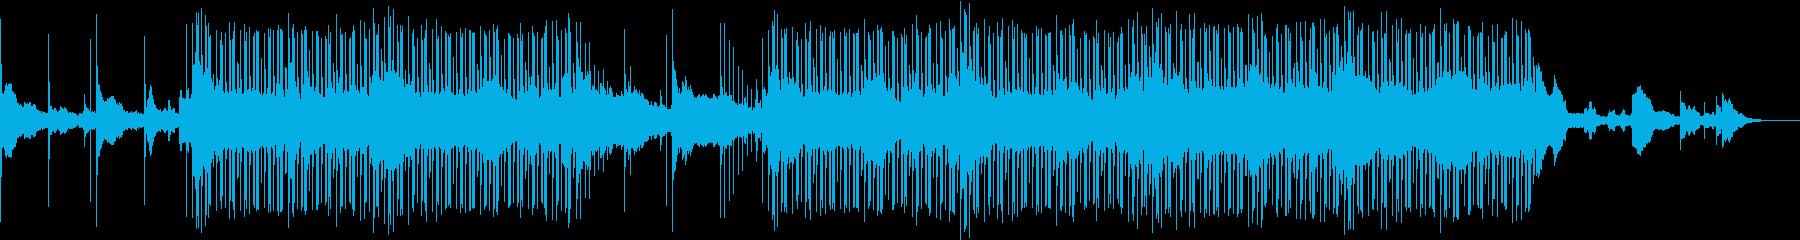 幻想的なUKギターサウンドのBGMの再生済みの波形